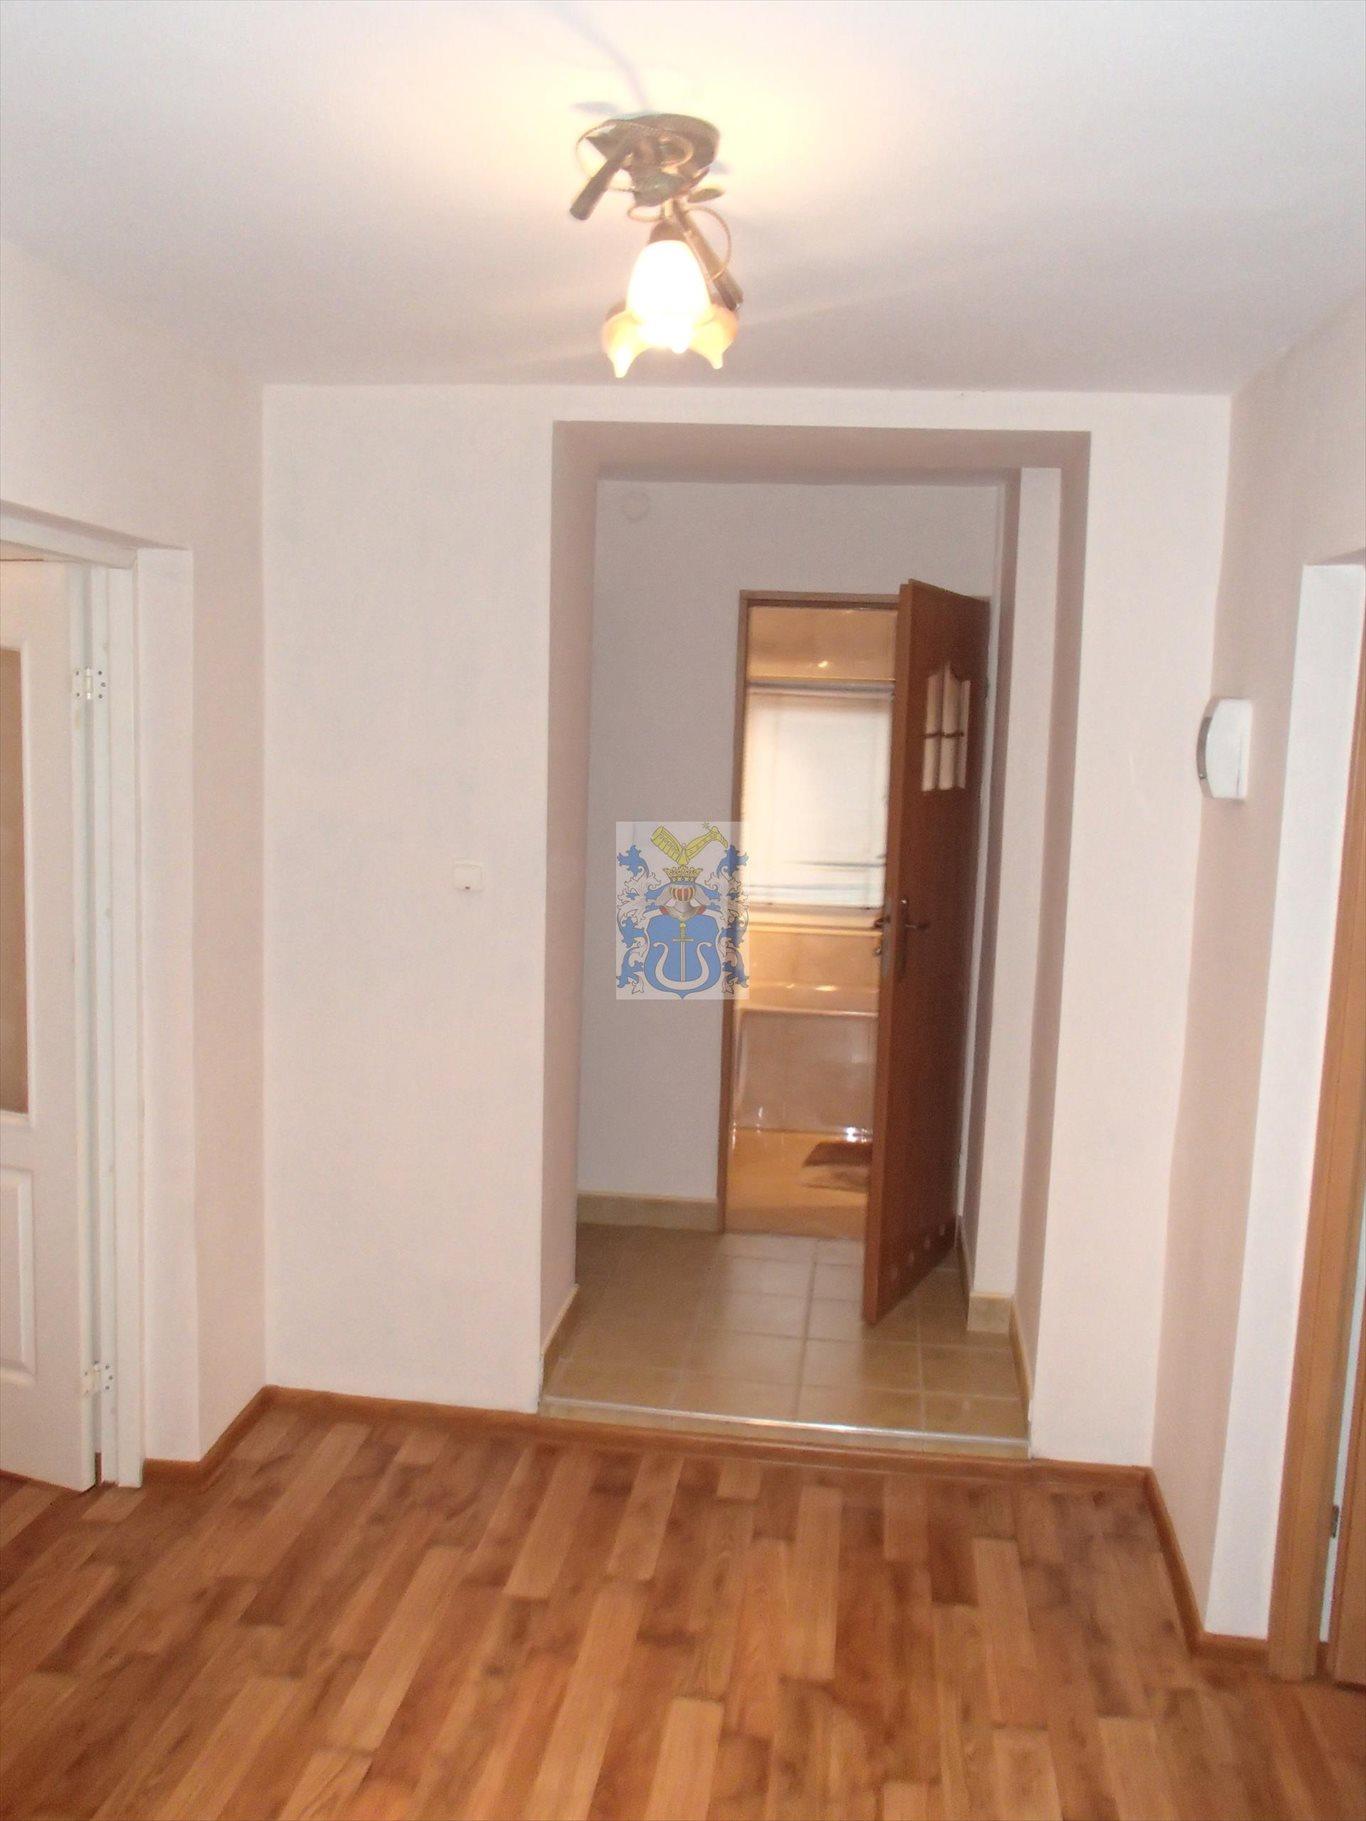 Dom na wynajem Kraków, Kraków-Krowodrza, Wola Justowska  140m2 Foto 13